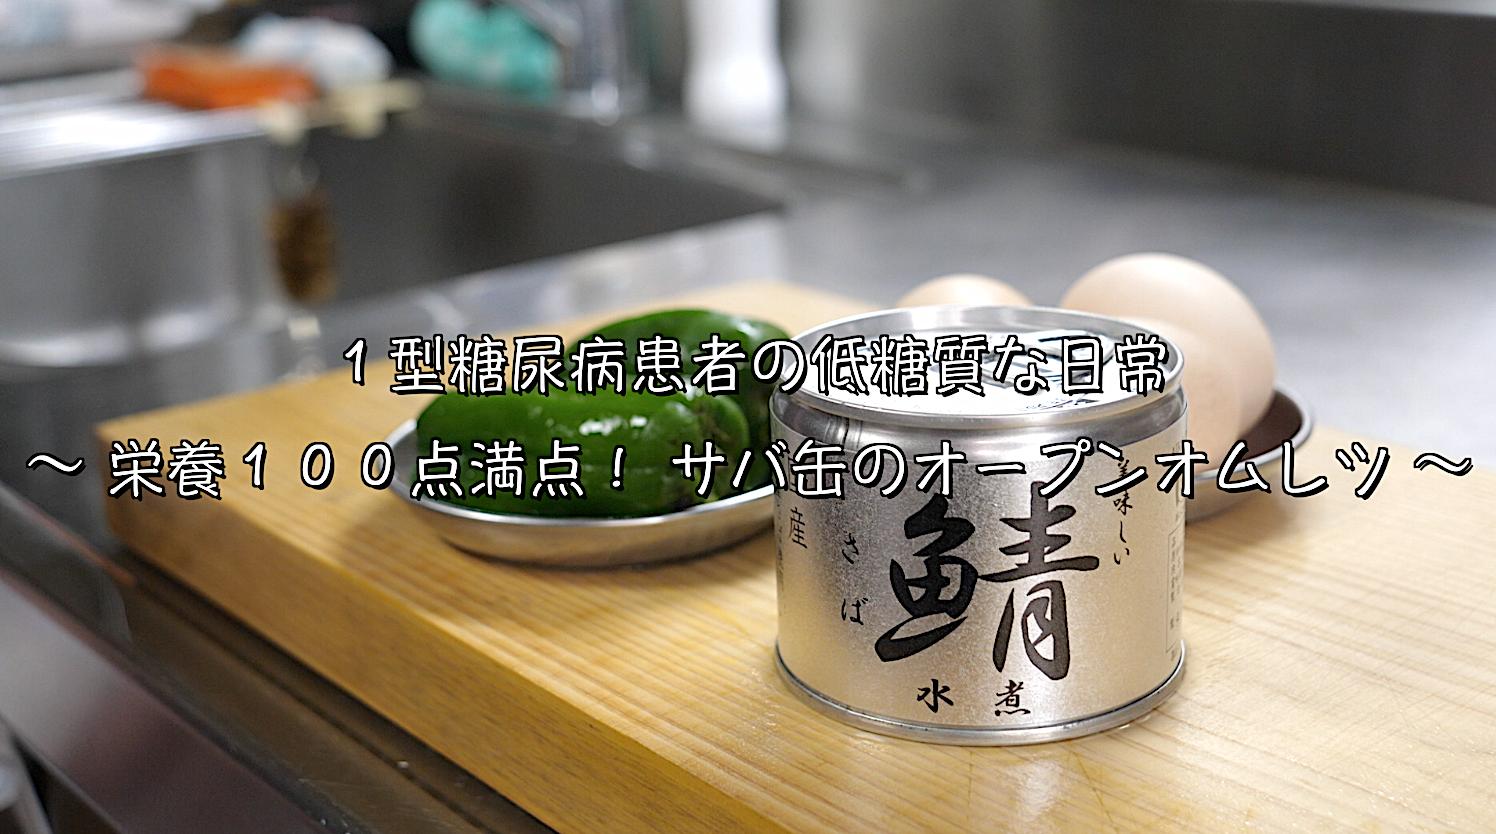 鯖缶 オープンオムレツ レシピ 低糖質